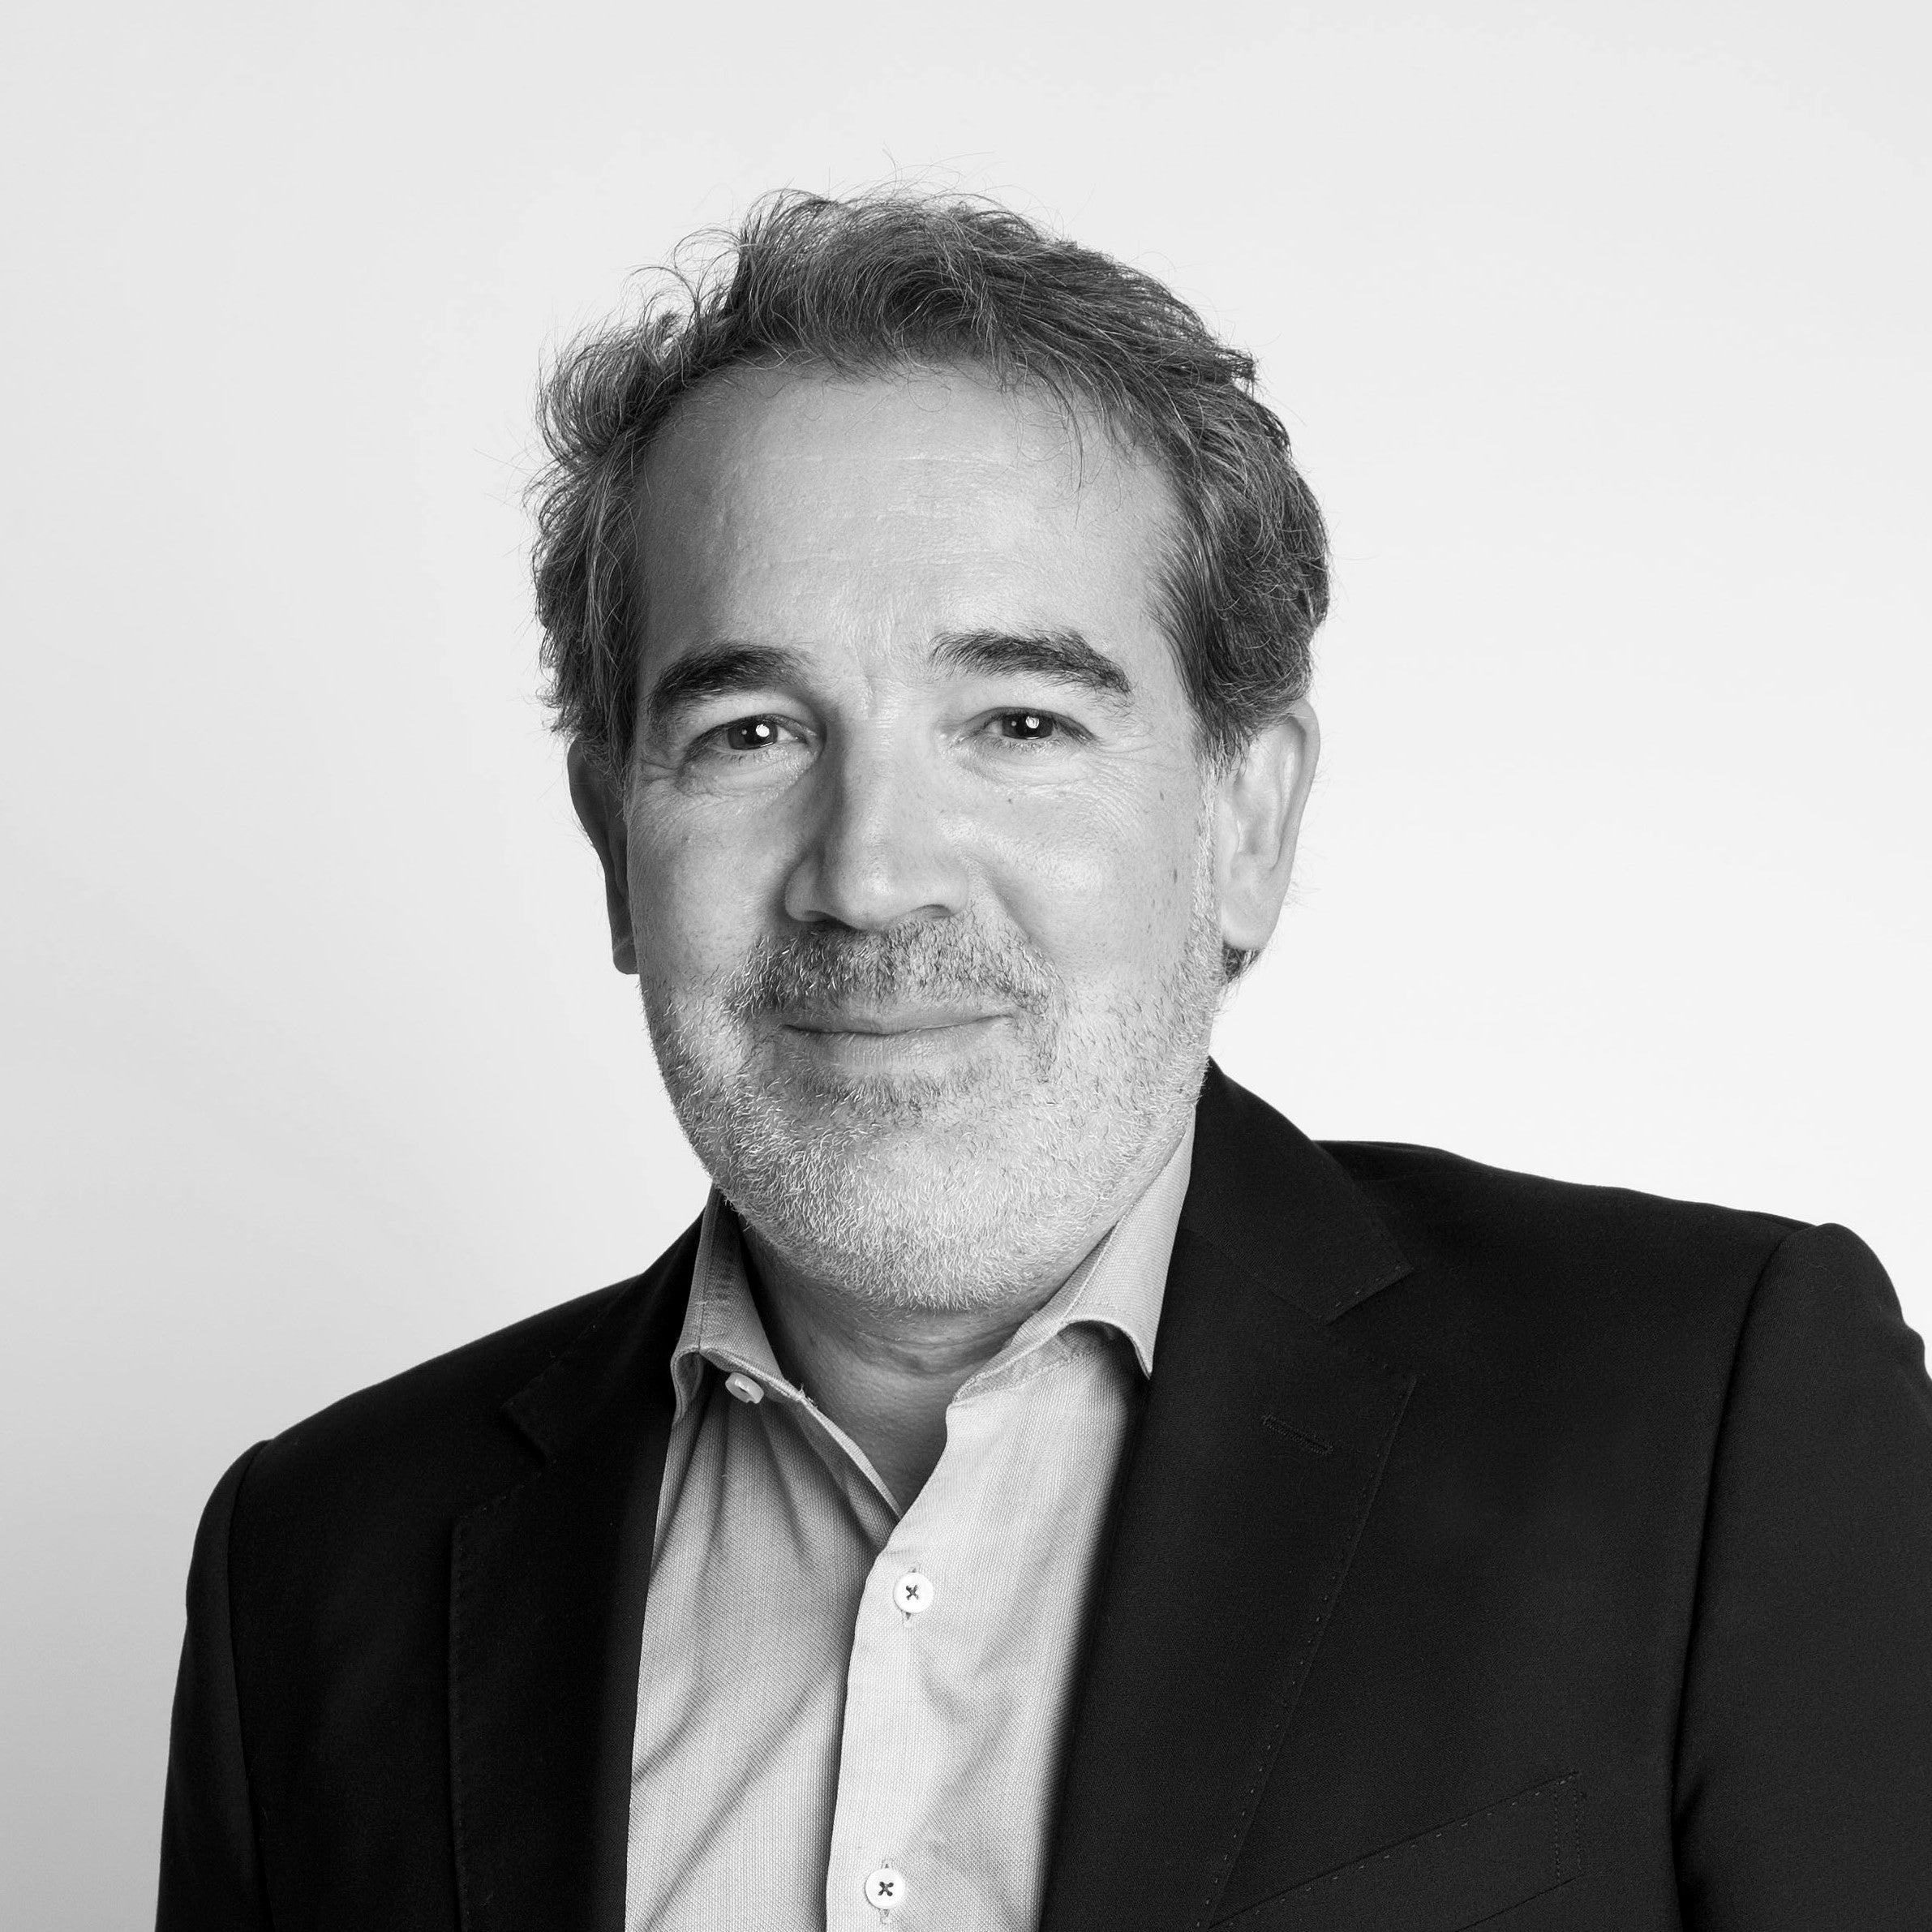 Mario Buchmann, Managing Director, Vizeum Switzerland